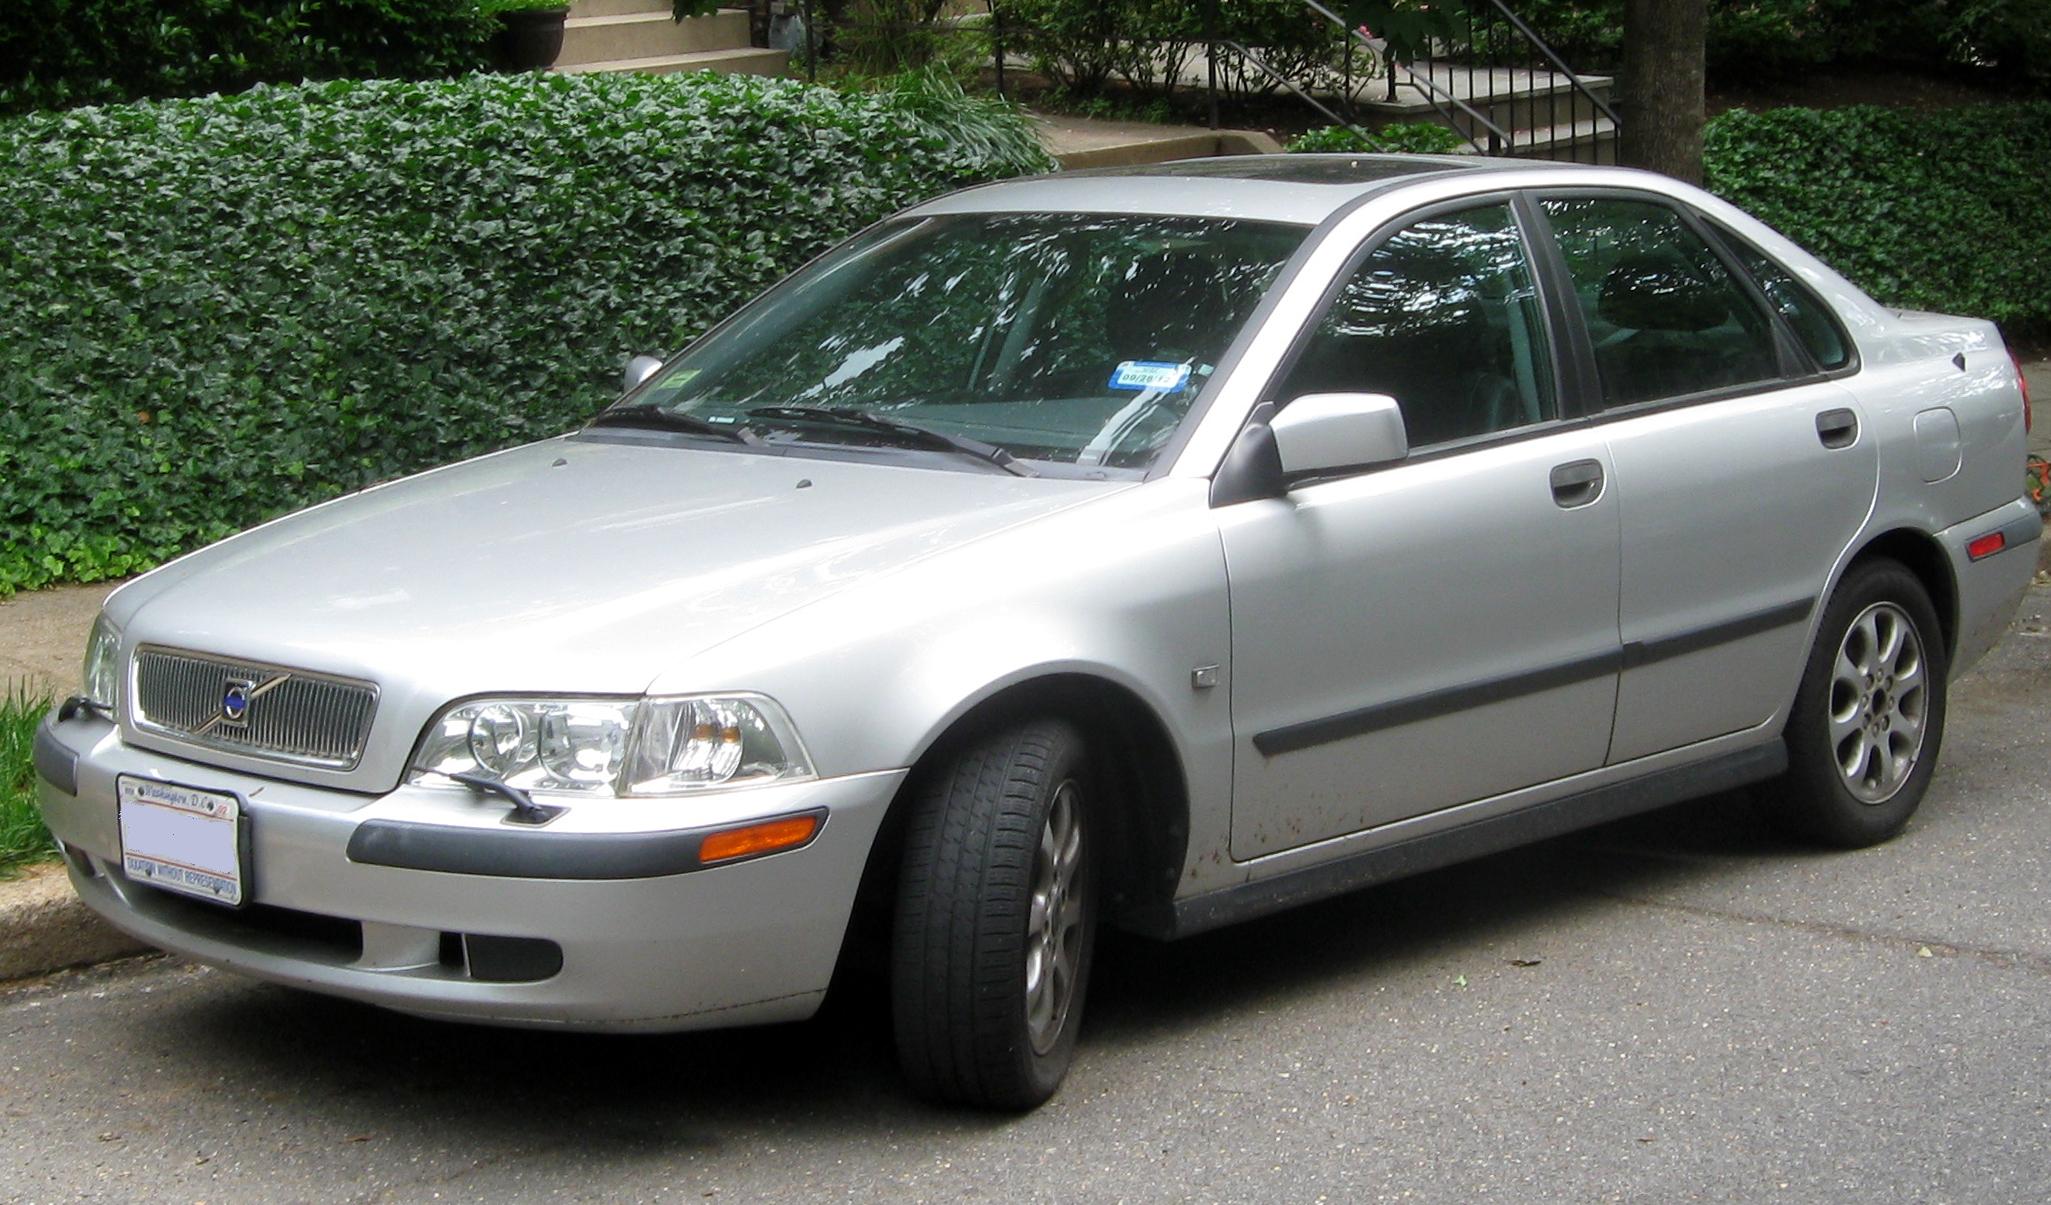 2002 s40 volvo